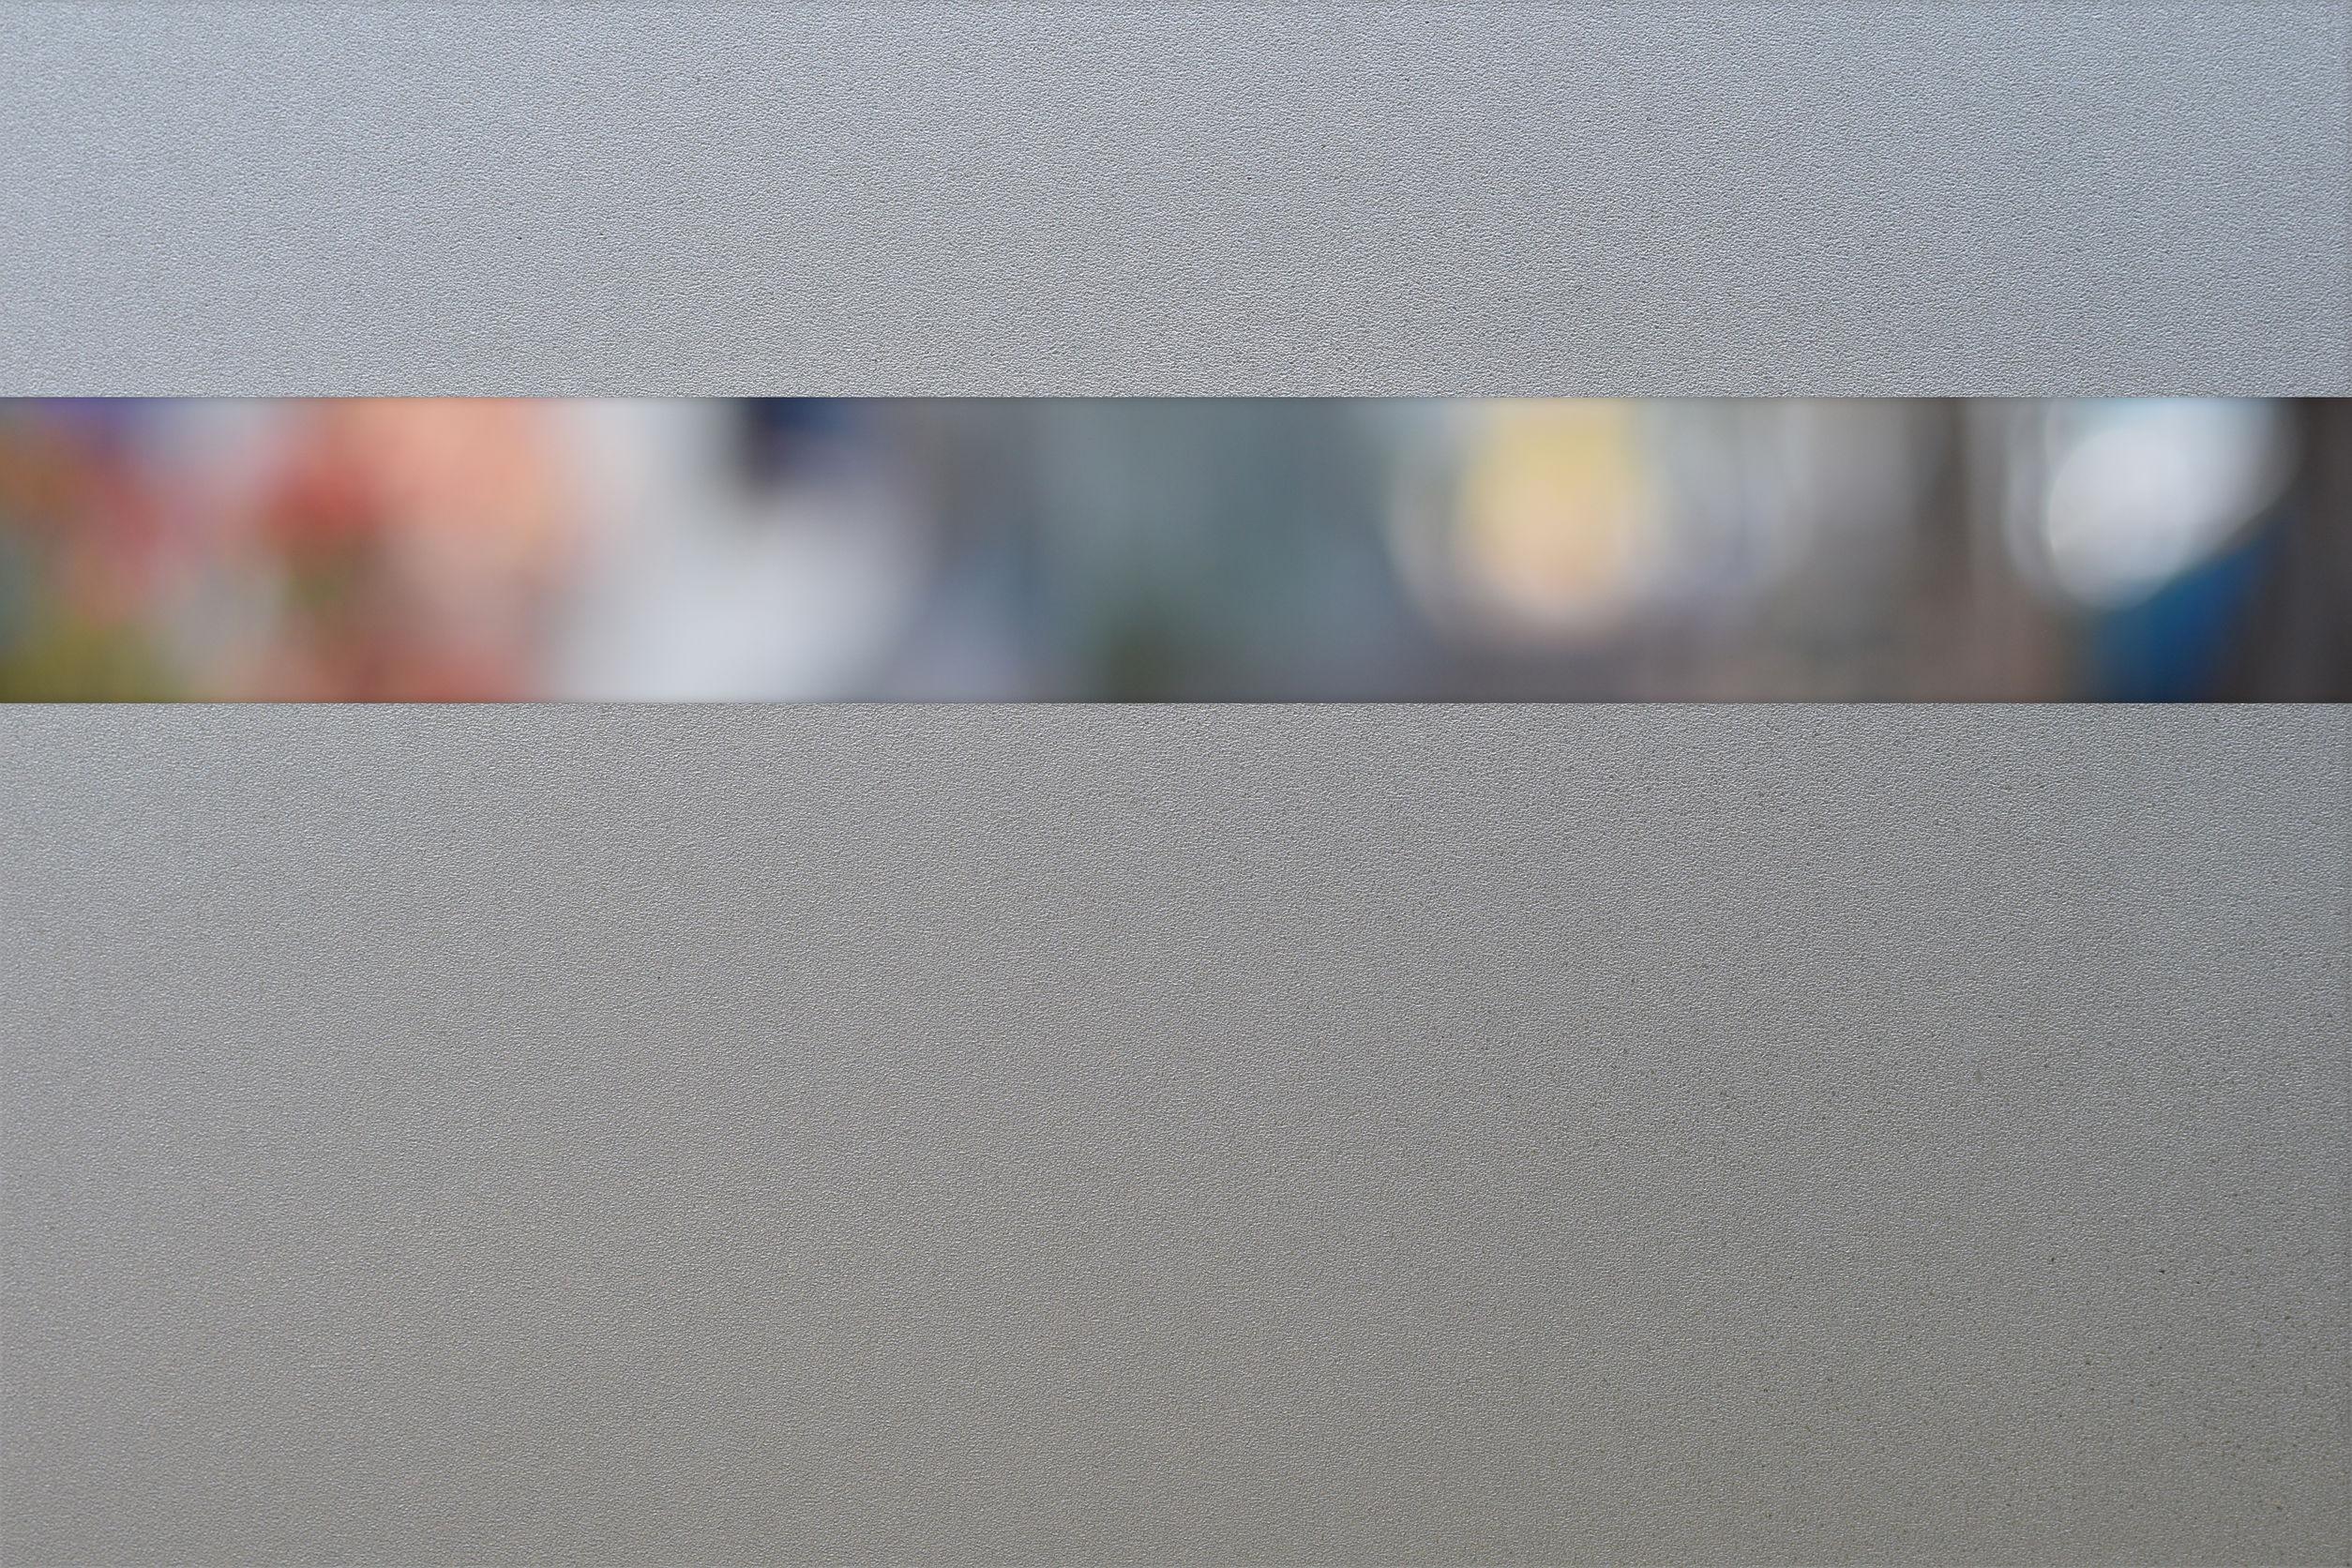 Full Size of Klassische Passform Bestellung Zu Fen Bei Milchglasfolie Fenster Flachdach Wärmeschutzfolie Sonnenschutzfolie Nach Maß Schräge Abdunkeln Aluplast Fenster Sicherheitsfolie Fenster Test